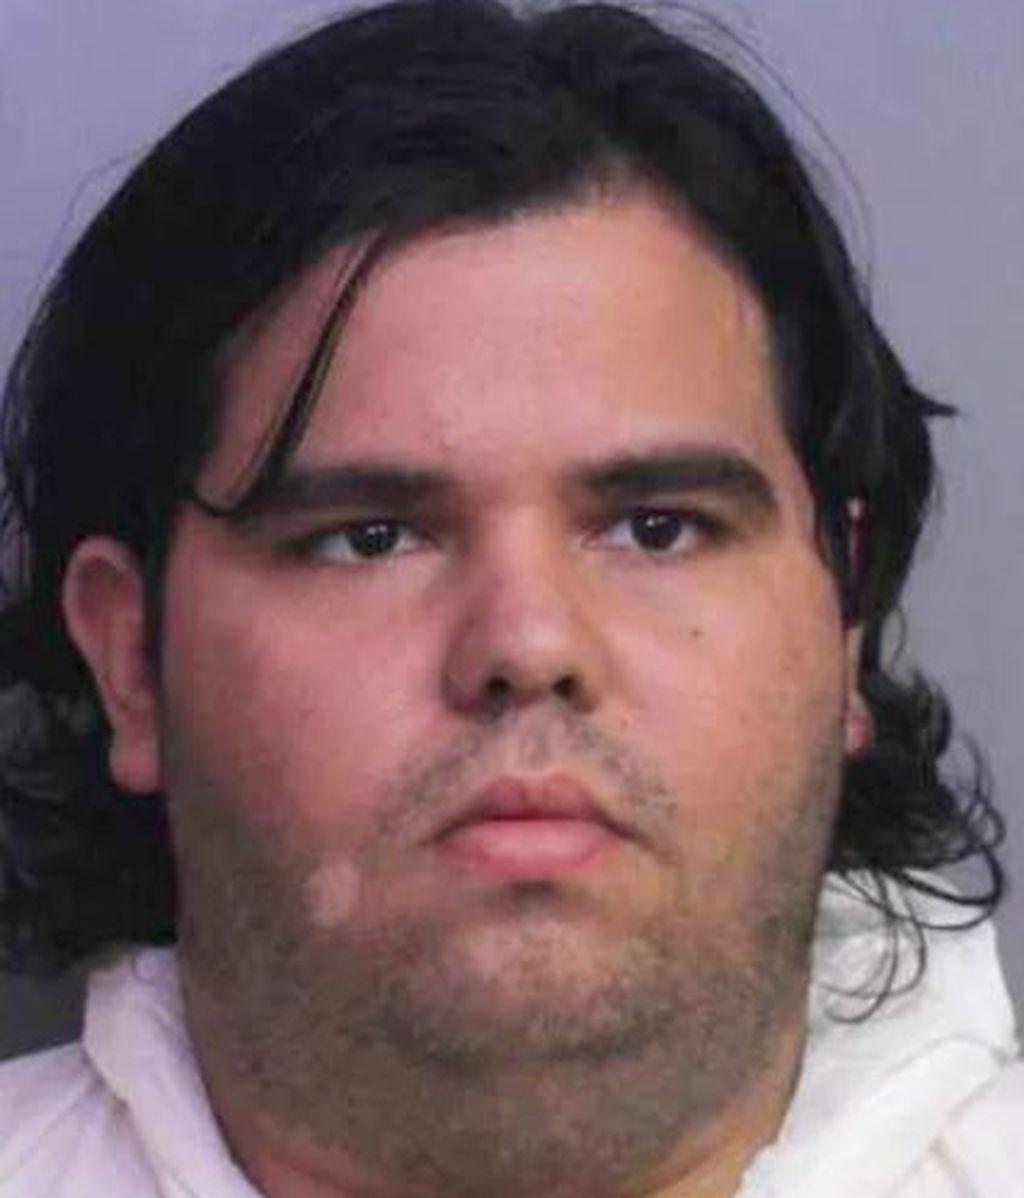 En prisión por secuestrar y agredir sexualmente a una niña de 10 años en Florida